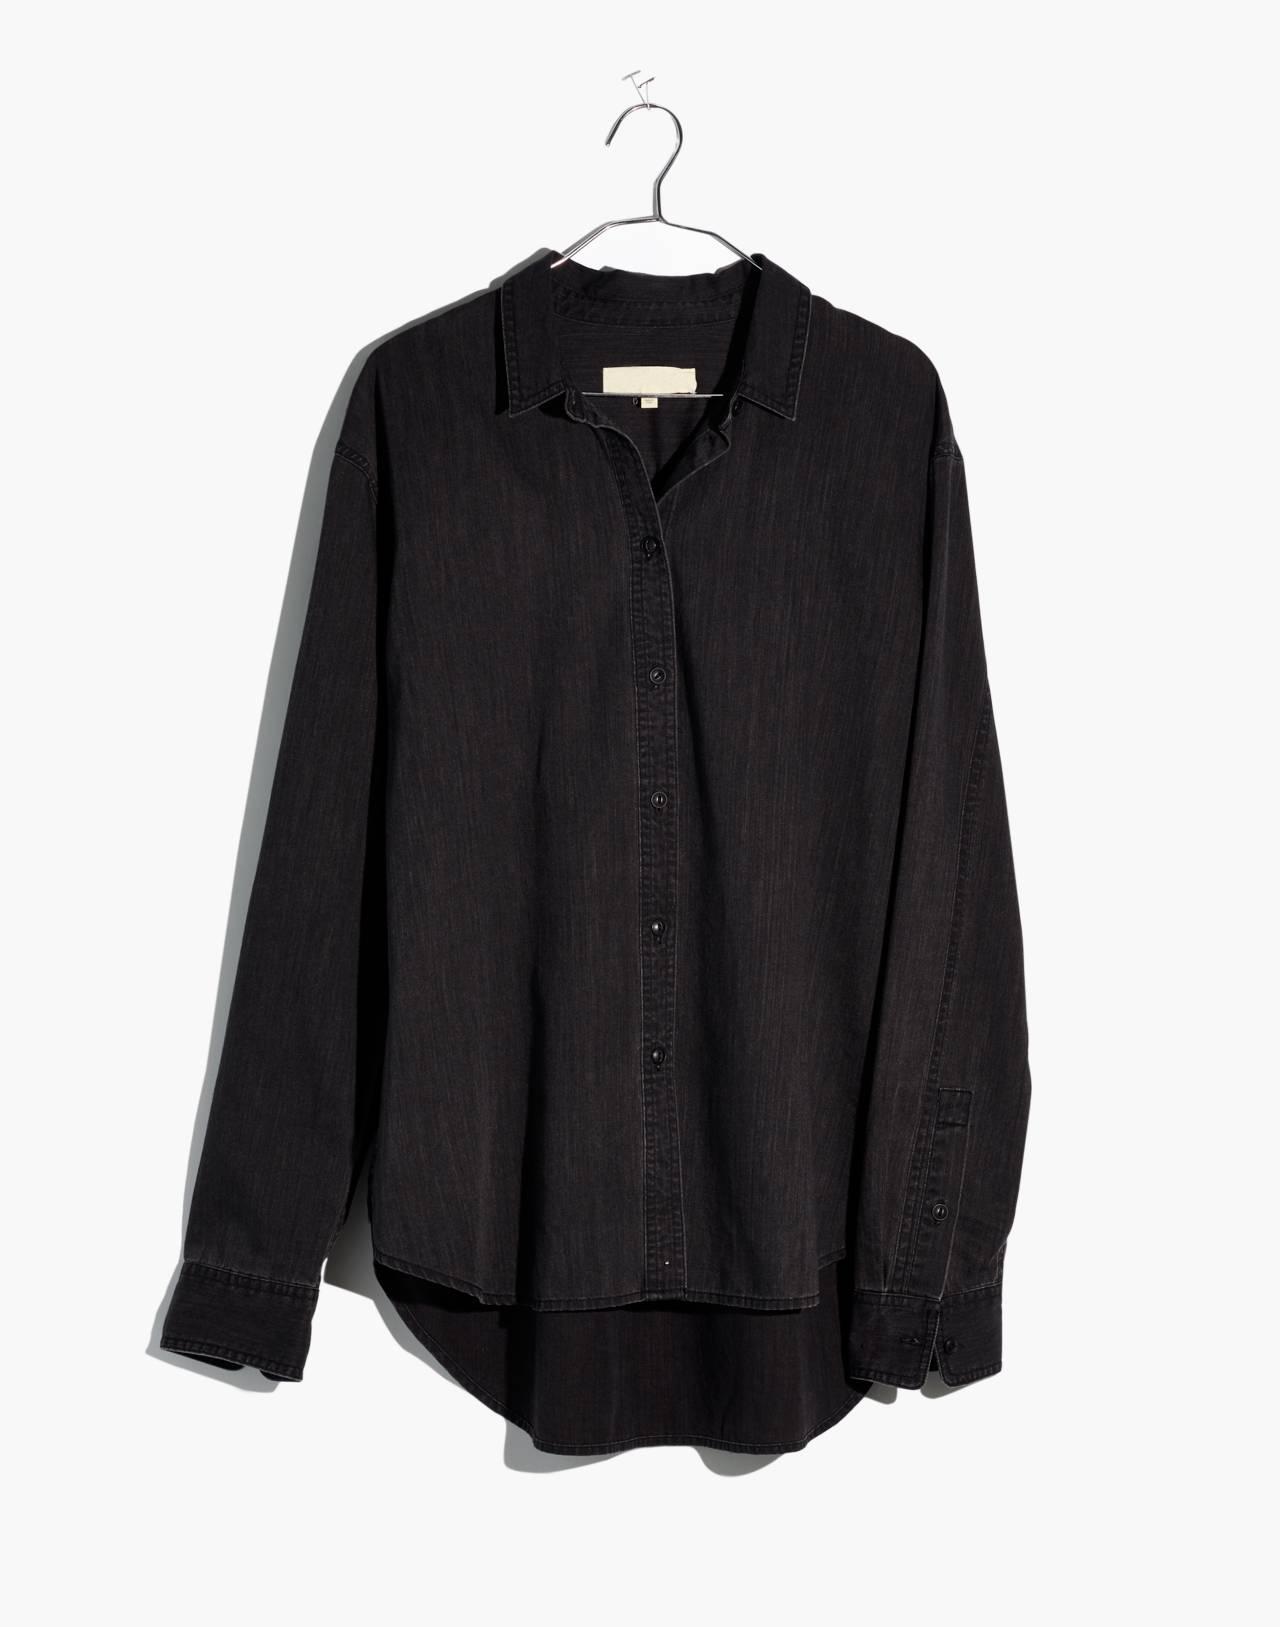 Denim Oversized Ex-Boyfriend Shirt in Lunar Wash in lunar wash image 4